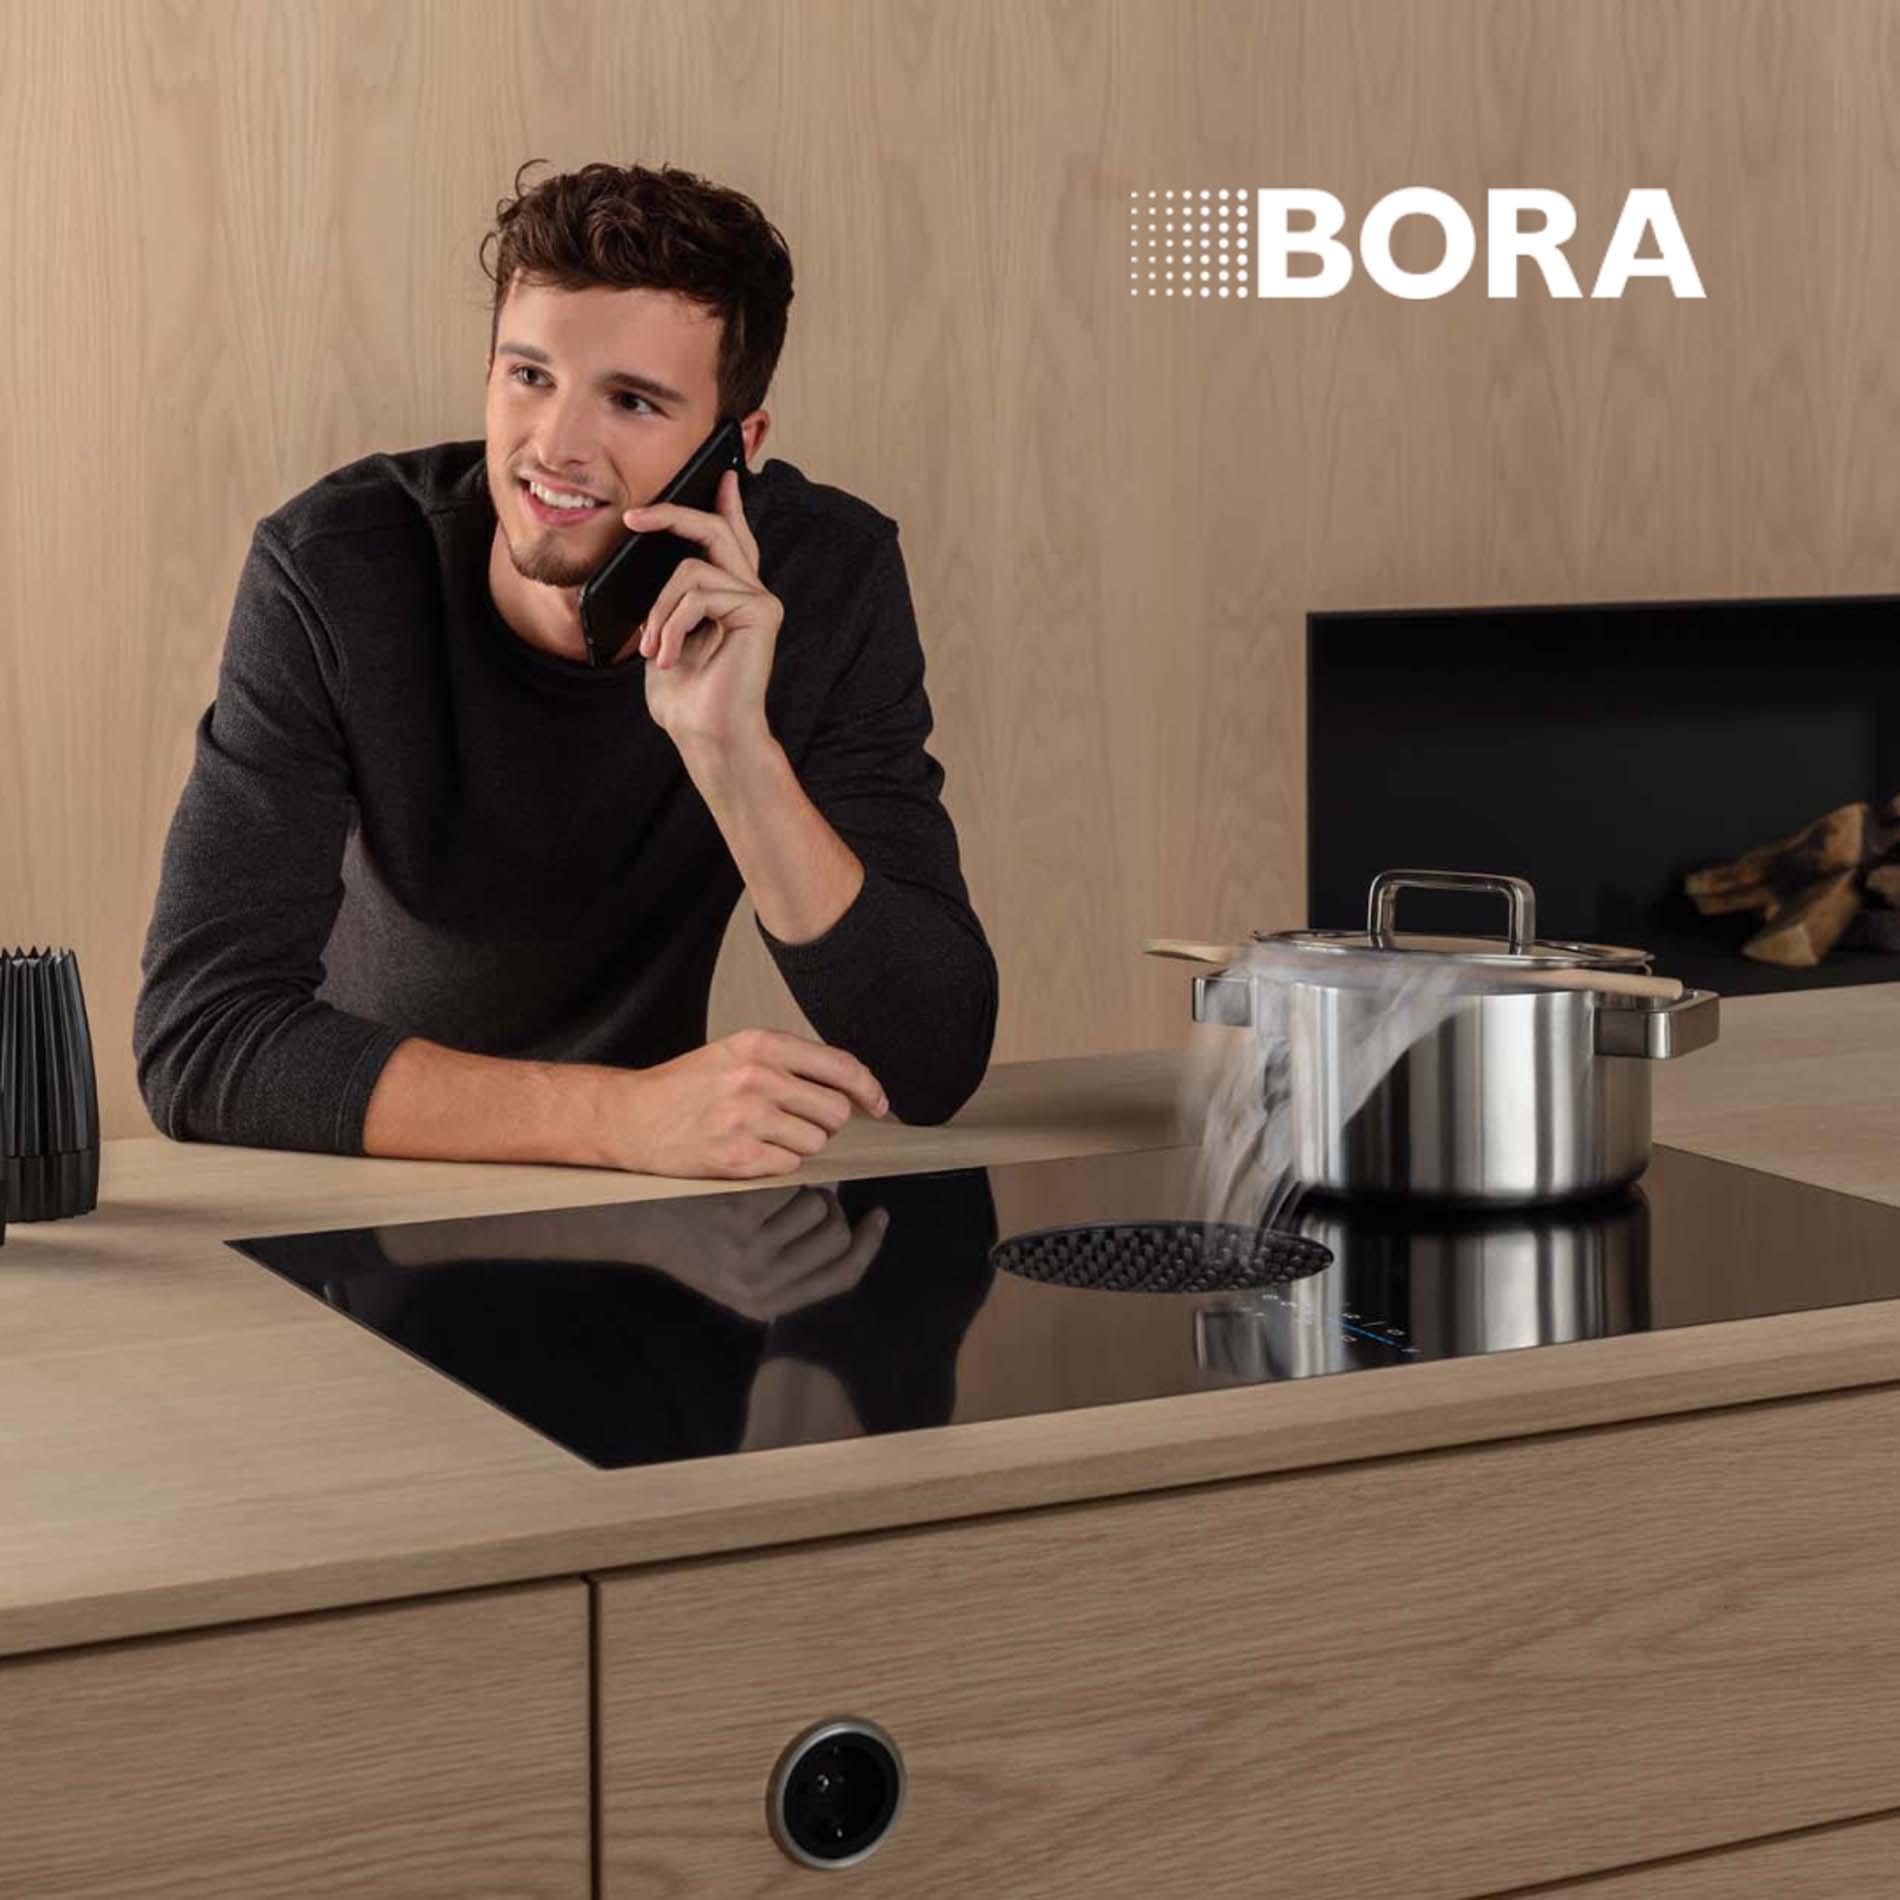 Bora Garantie 3 Jaar Acties Promoties Aswa Keukens